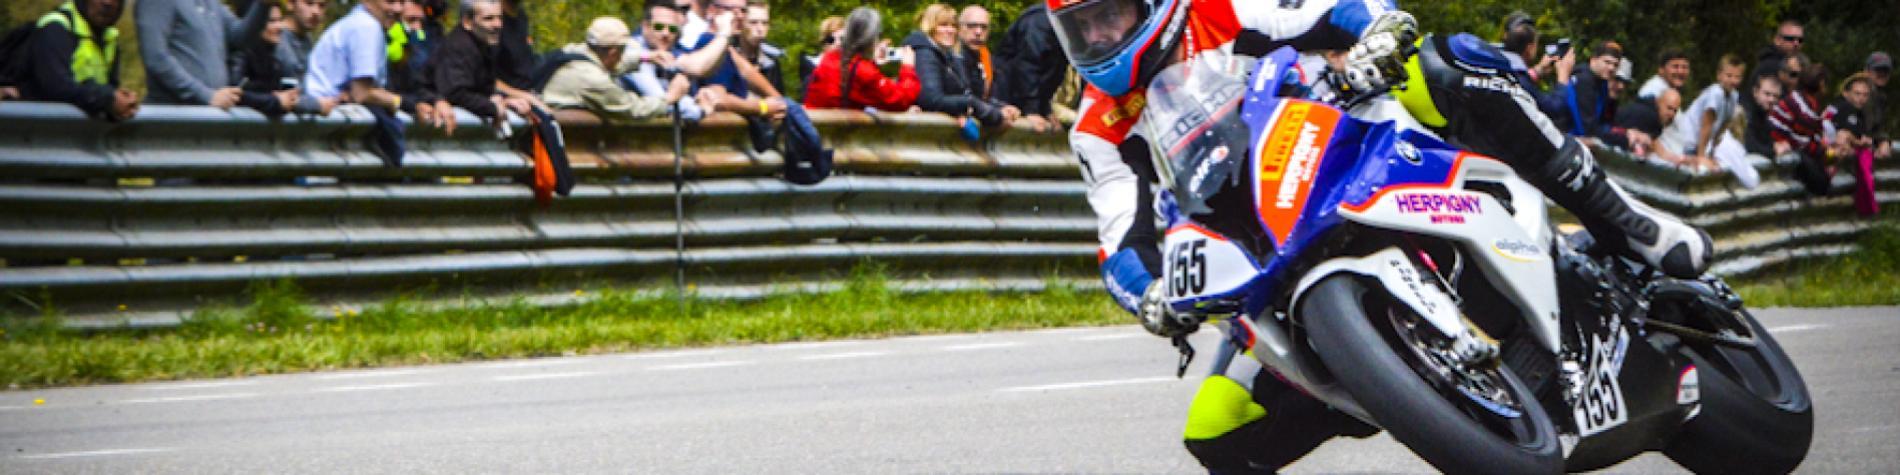 Open Trophy, circuit de Chimay